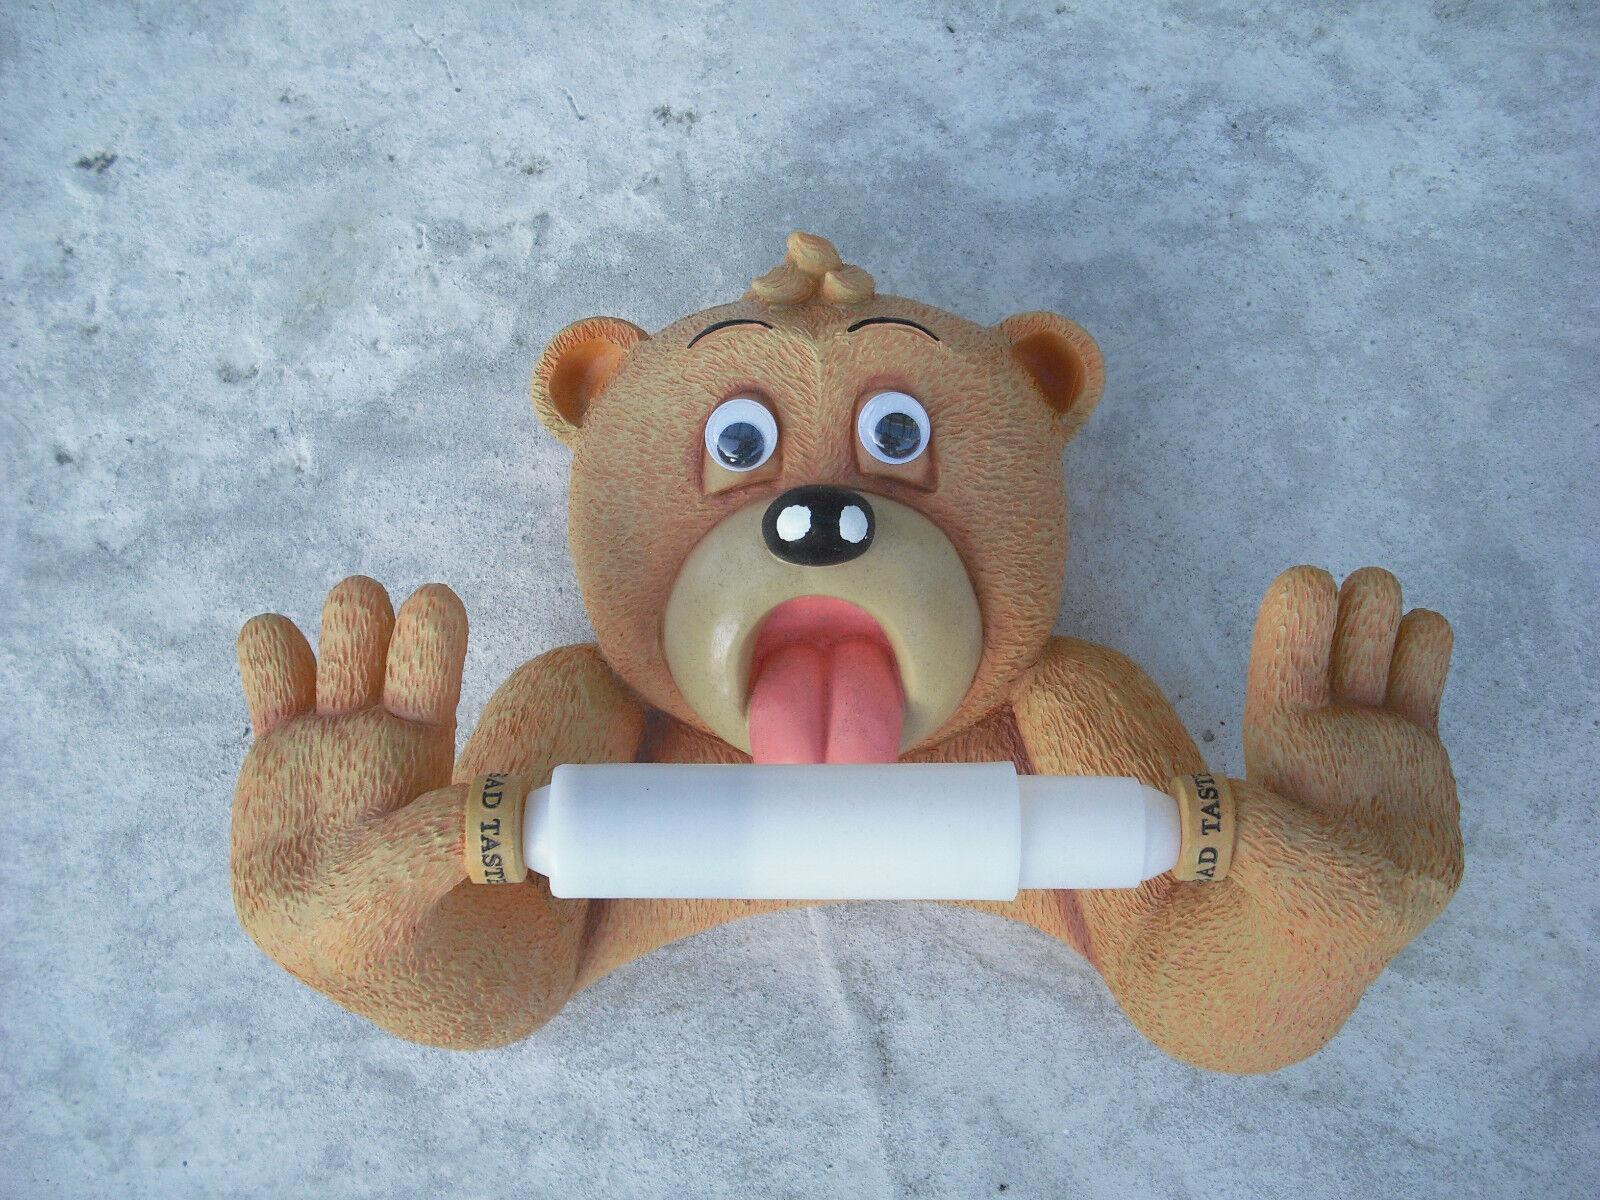 Toilettenpapierhalter, WC, Bad Taste Bear, lustiger Klopapierhalter